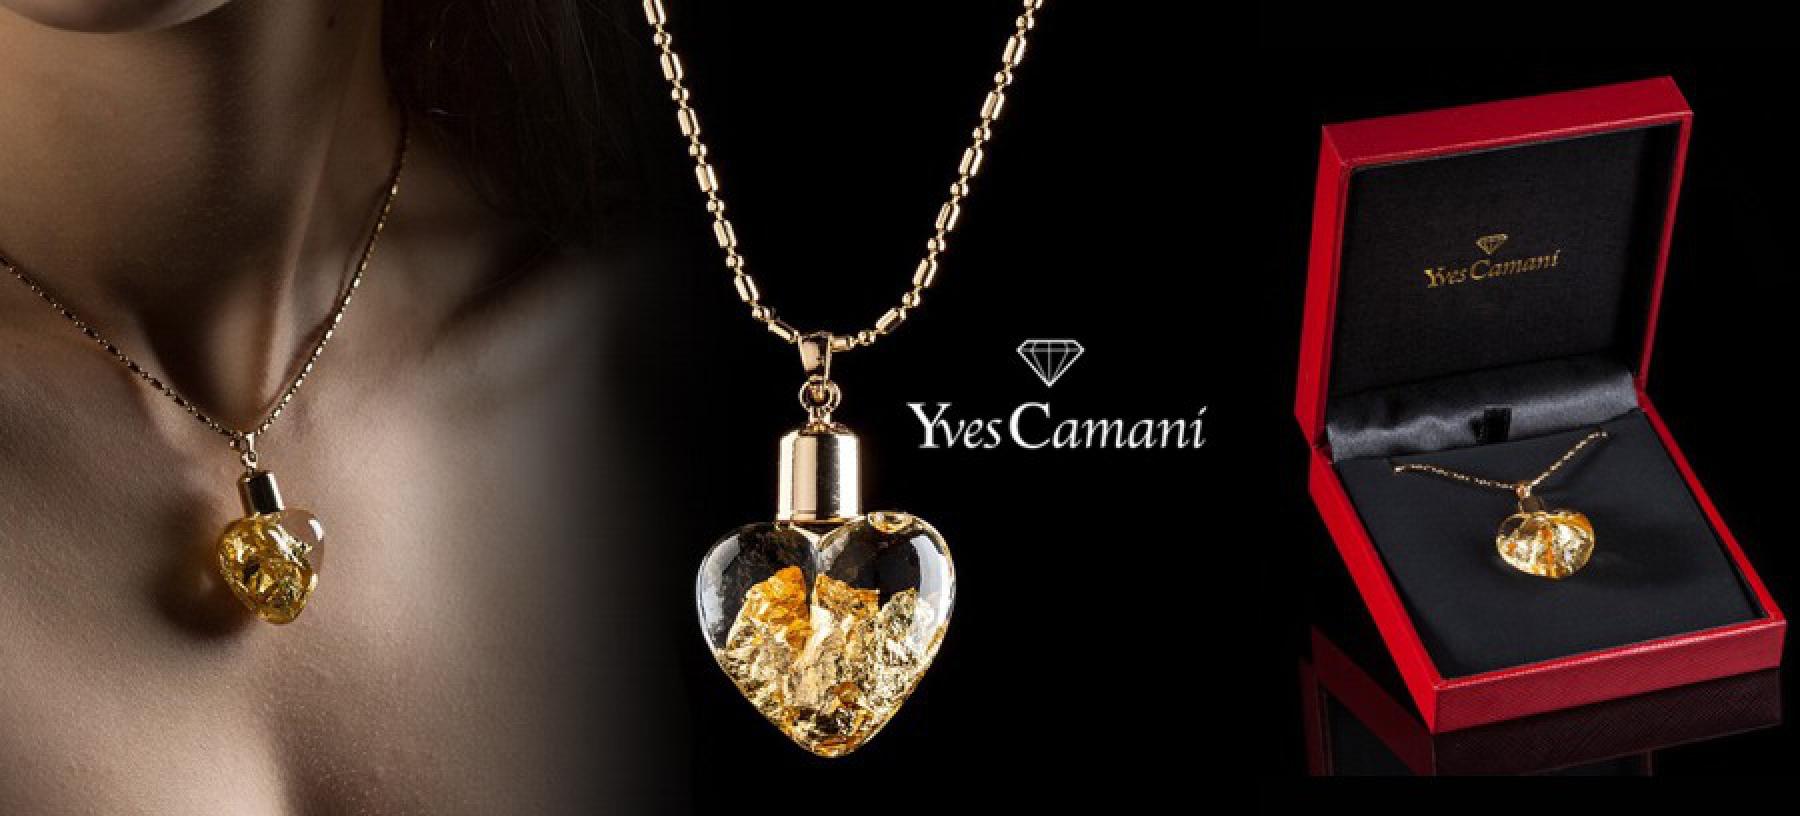 Luxusní náhrdelník original Yves Camani